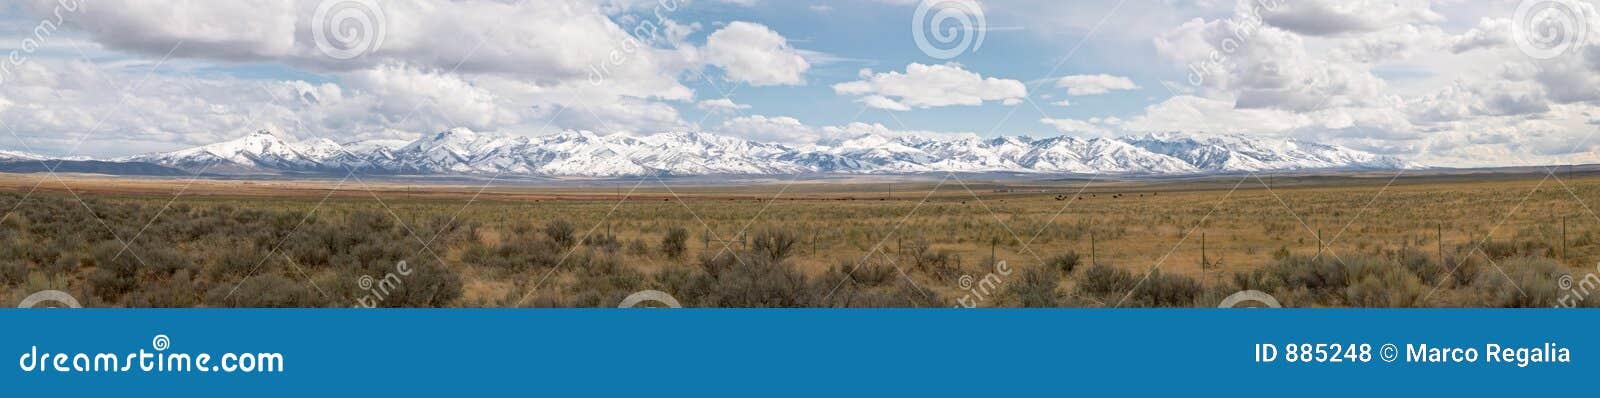 Montañas y desierto